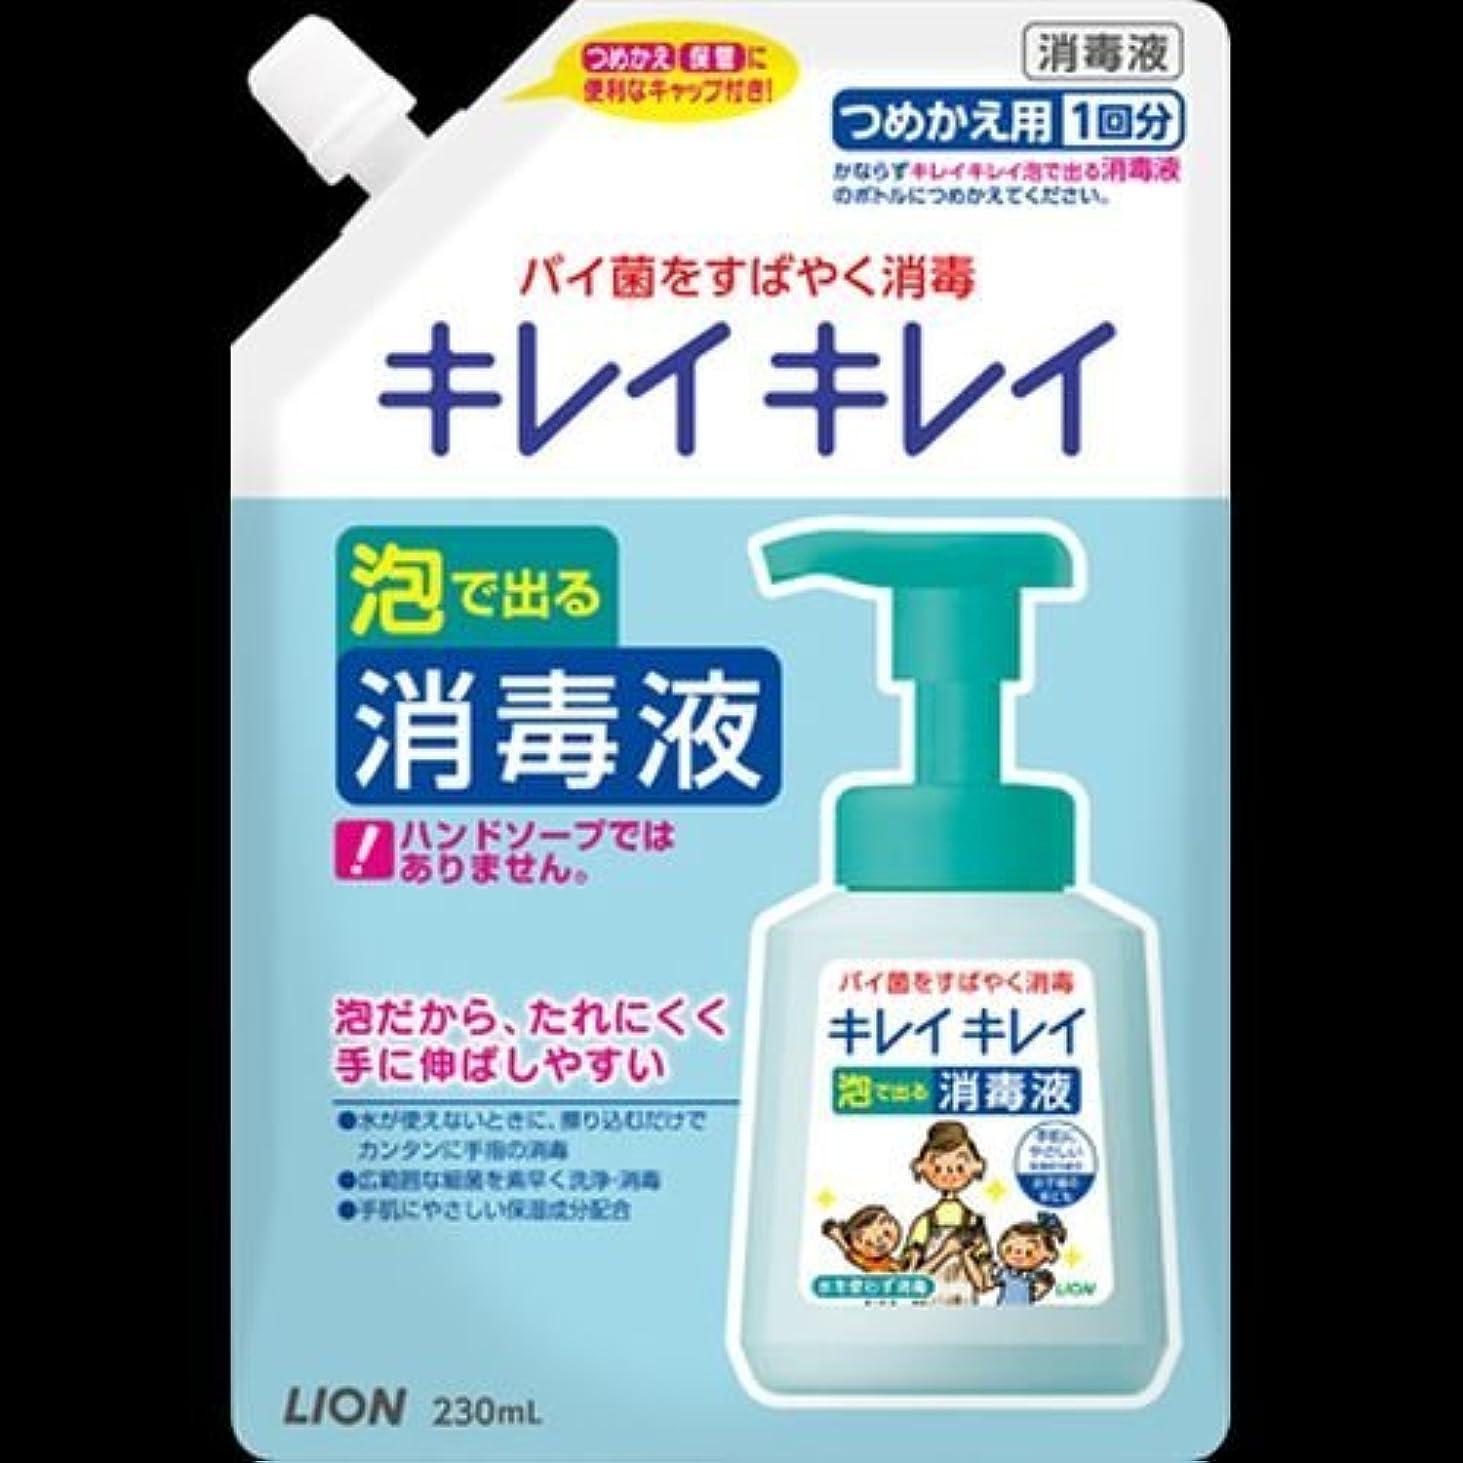 不正直拡張同級生キレイキレイ 薬用泡ででる消毒液 つめかえ用 230mL ×2セット